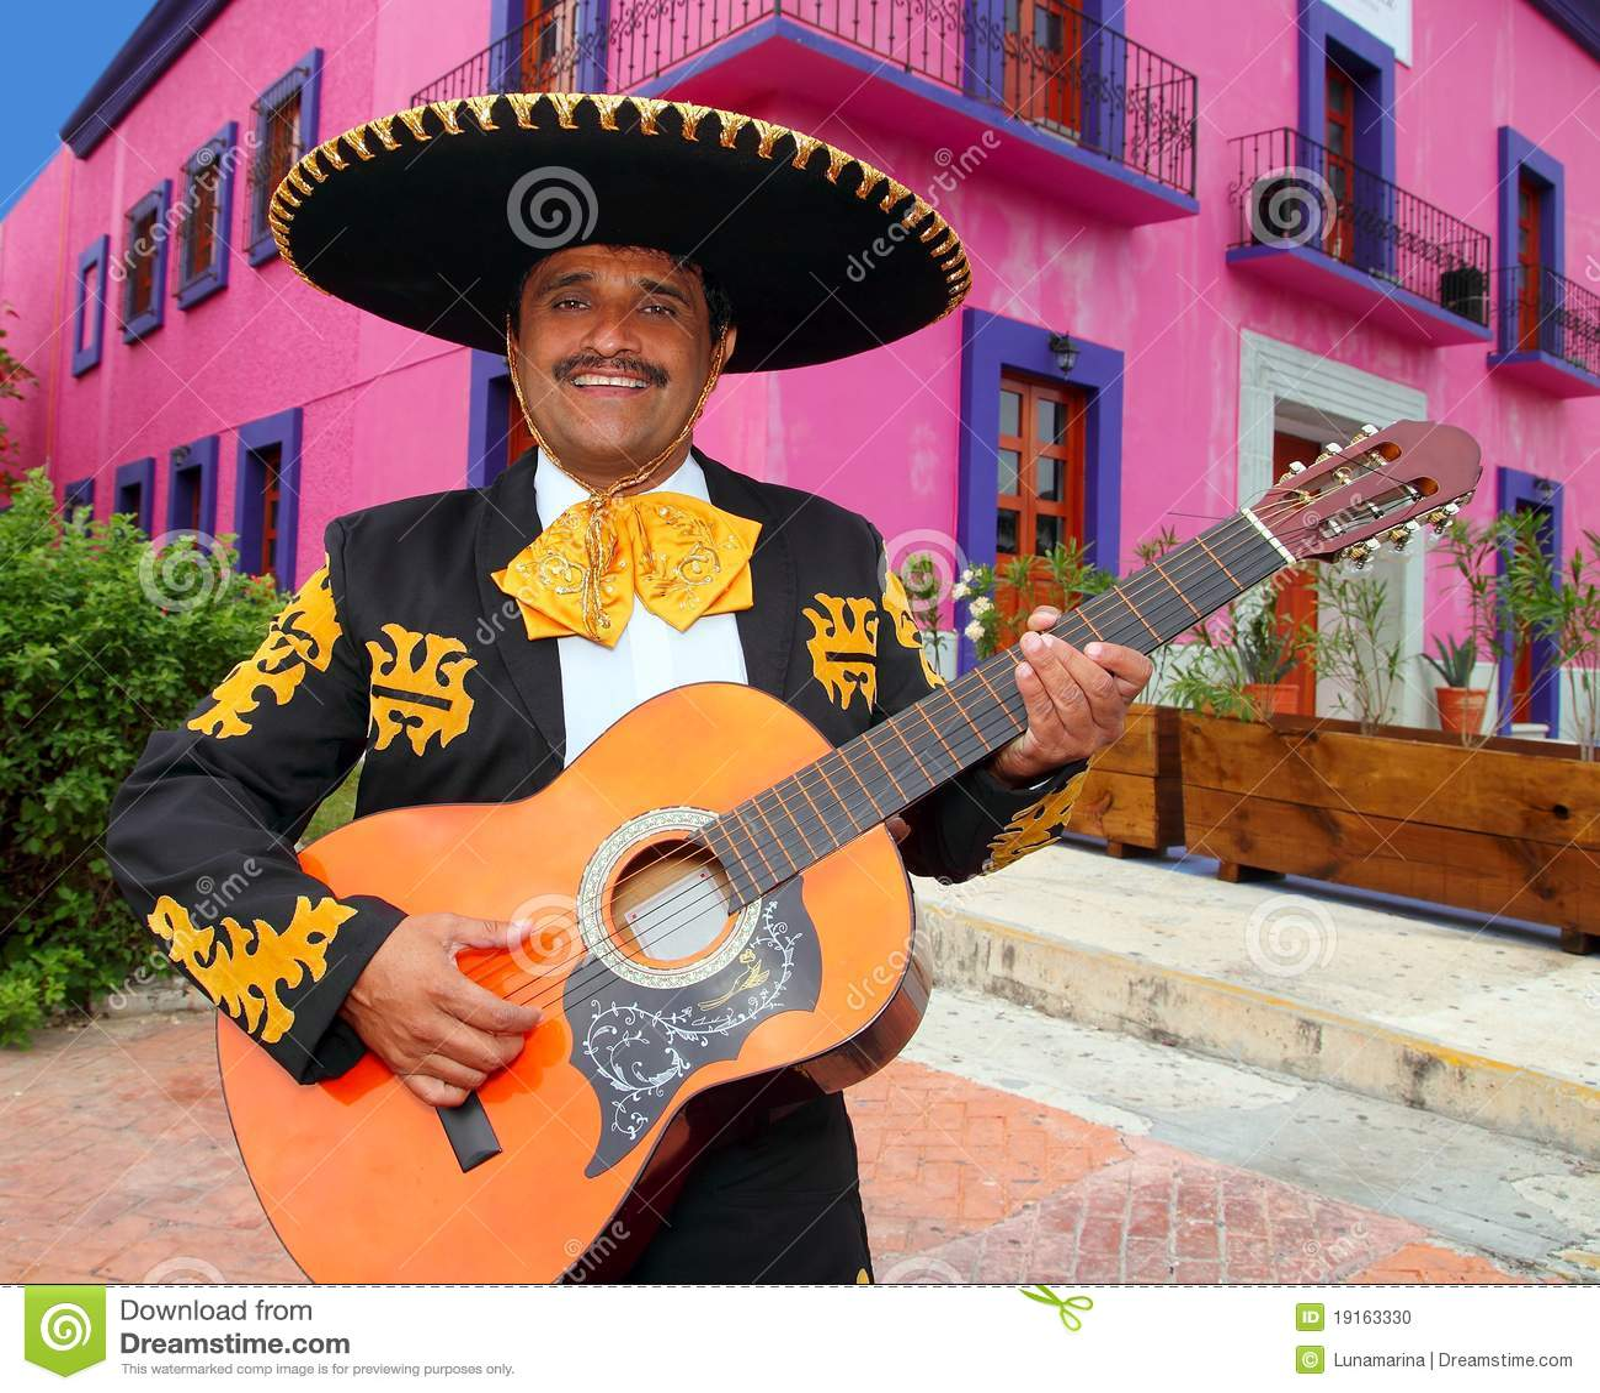 Charro吉他安置墨西哥流浪乐队墨西哥使